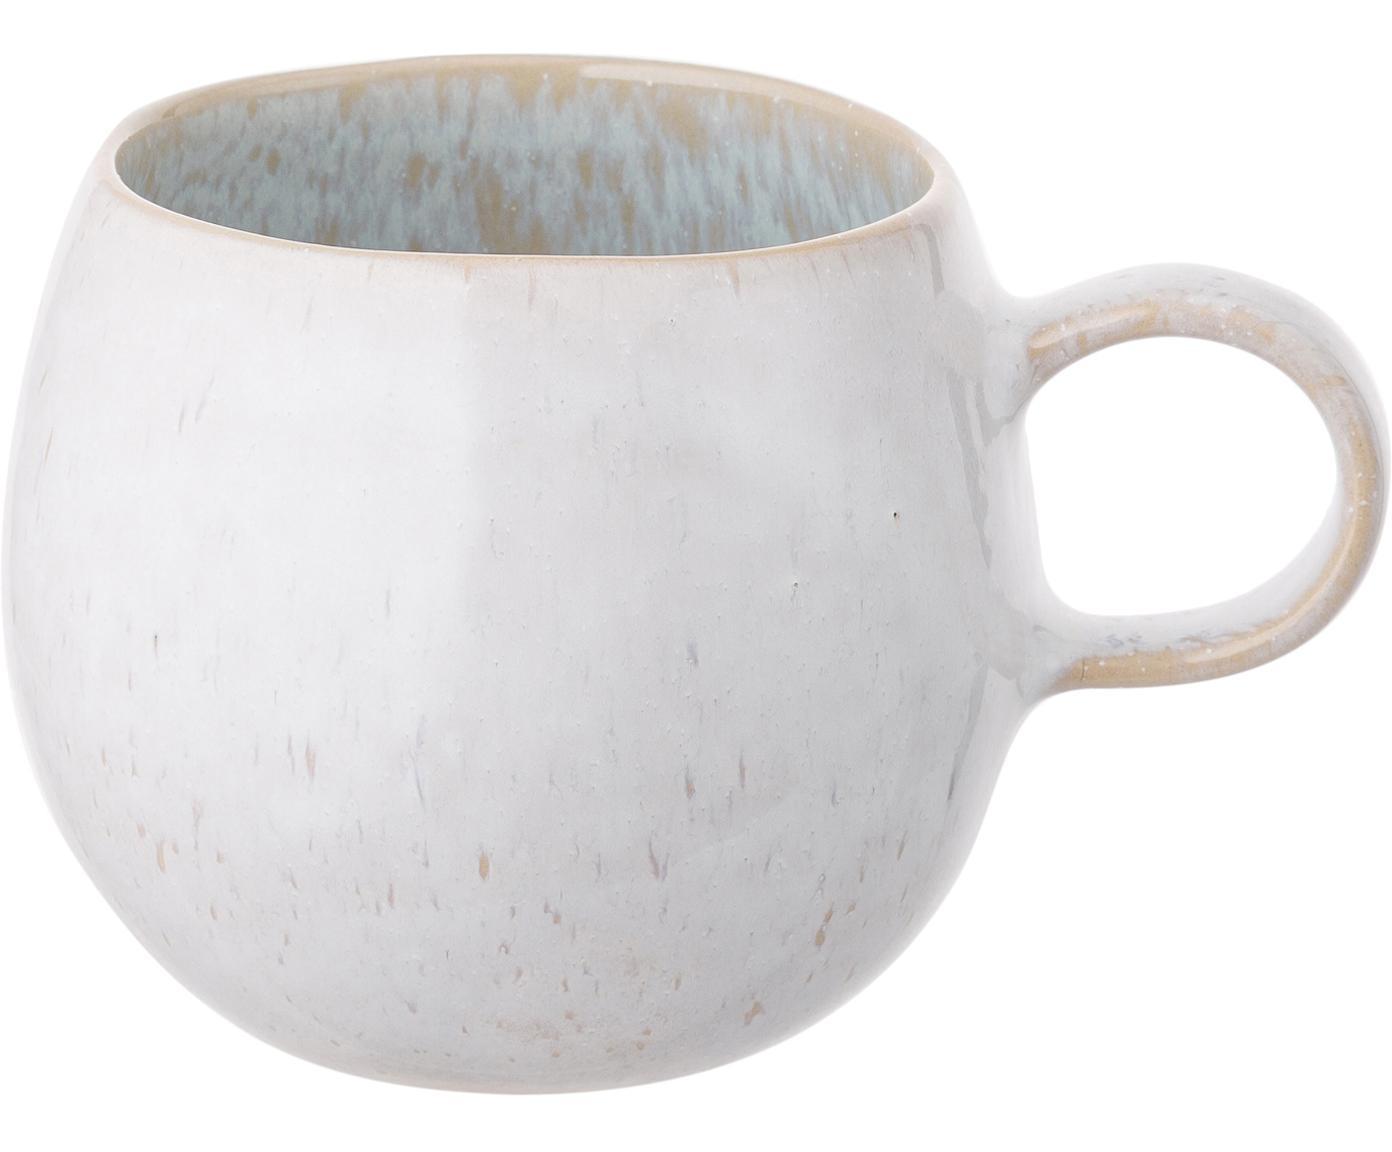 Tazze da tè dipinte a mano Areia, 2 pz., Terracotta, Azzurro, bianco latteo, beige chiaro, Ø 9 x Alt. 10 cm